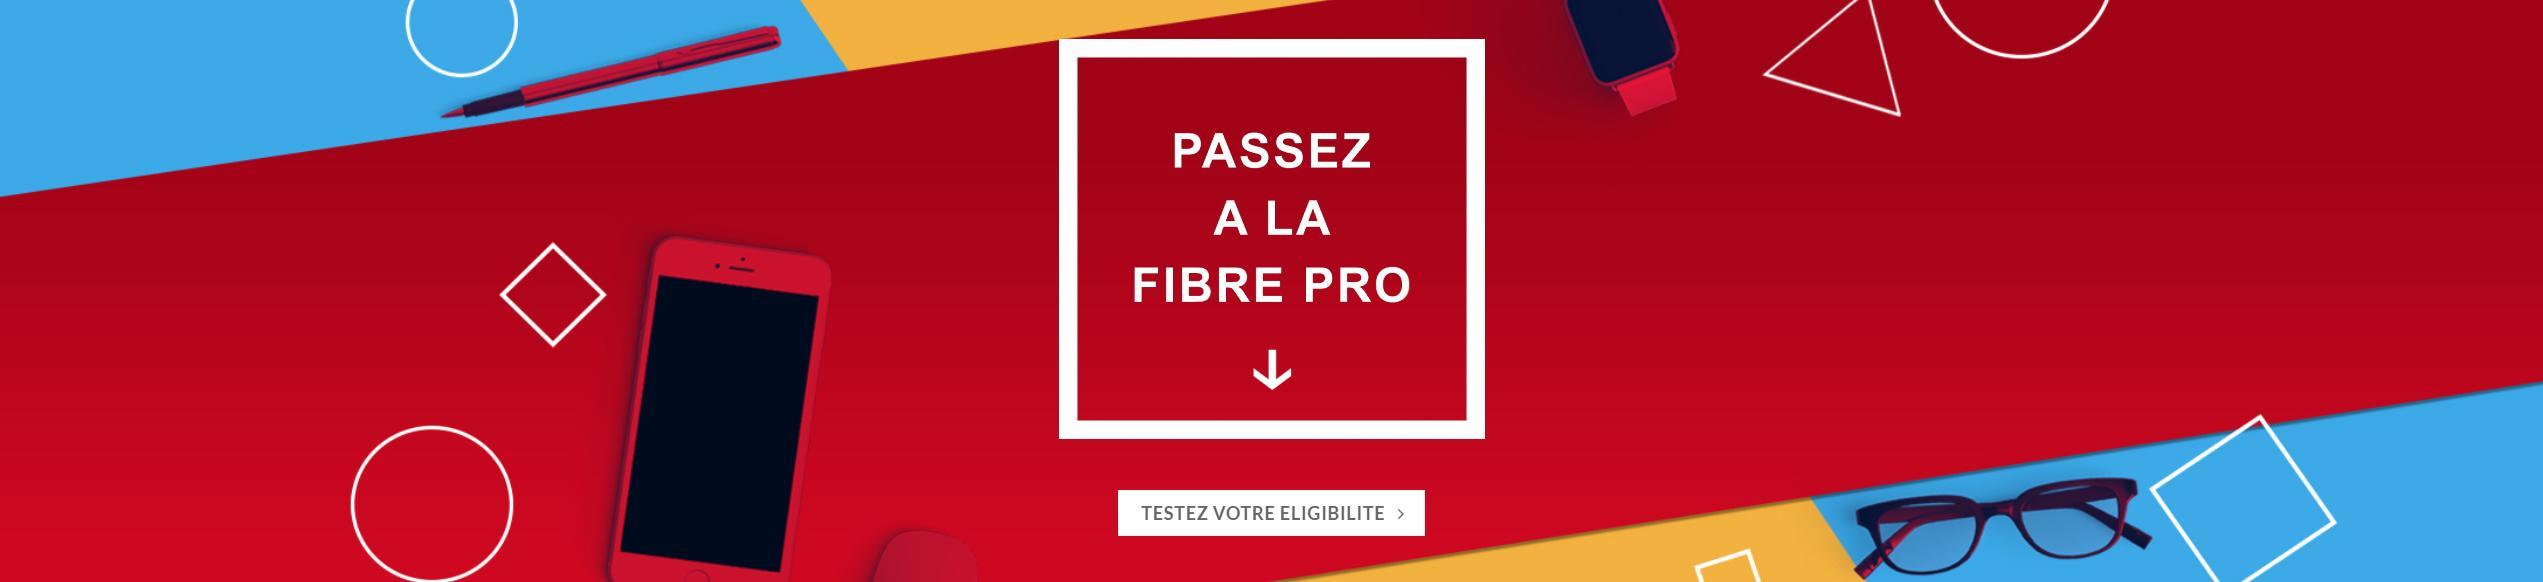 la fibre pro slide accueil